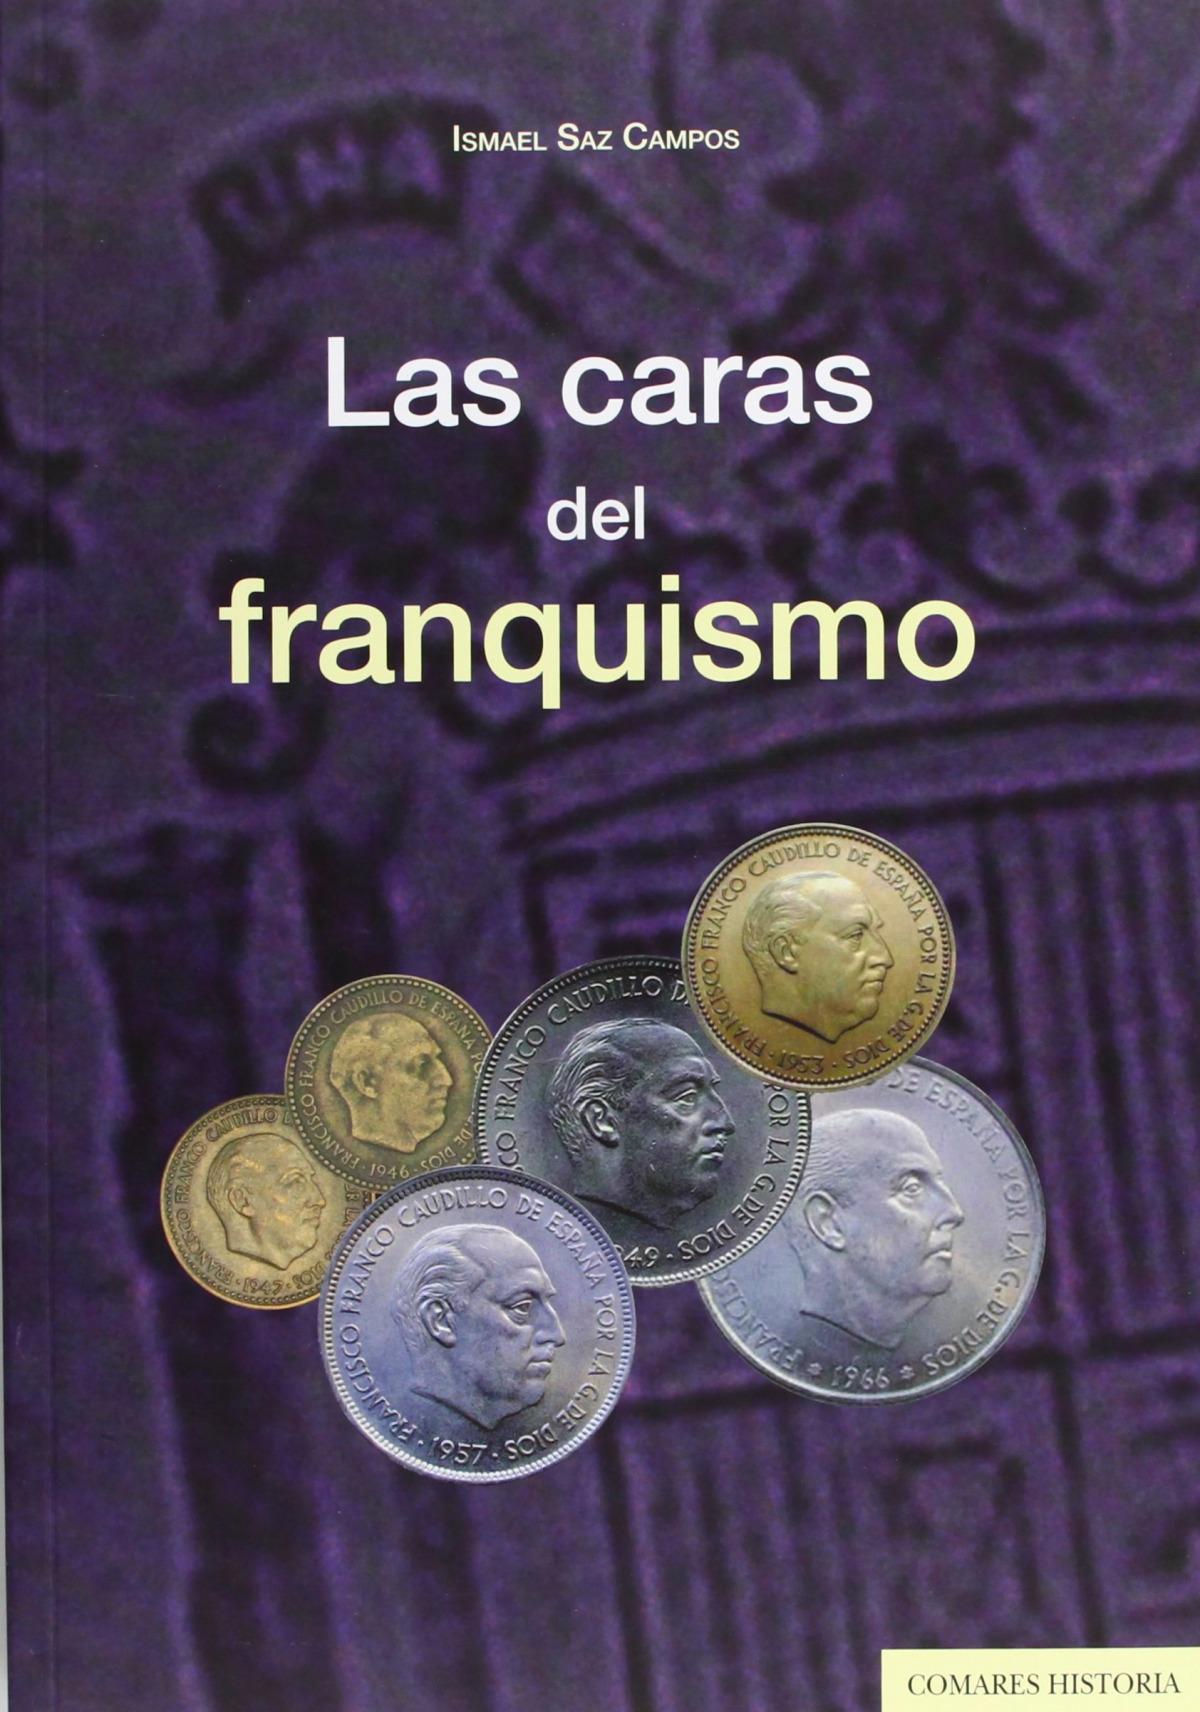 Las caras del franquismo 9788490450291